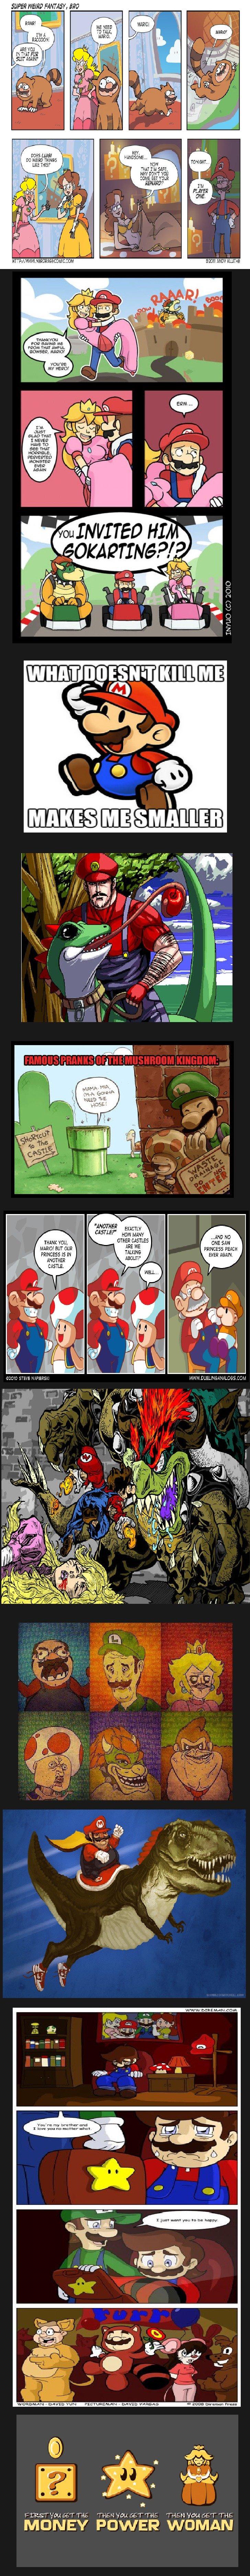 Mario comp 2. .